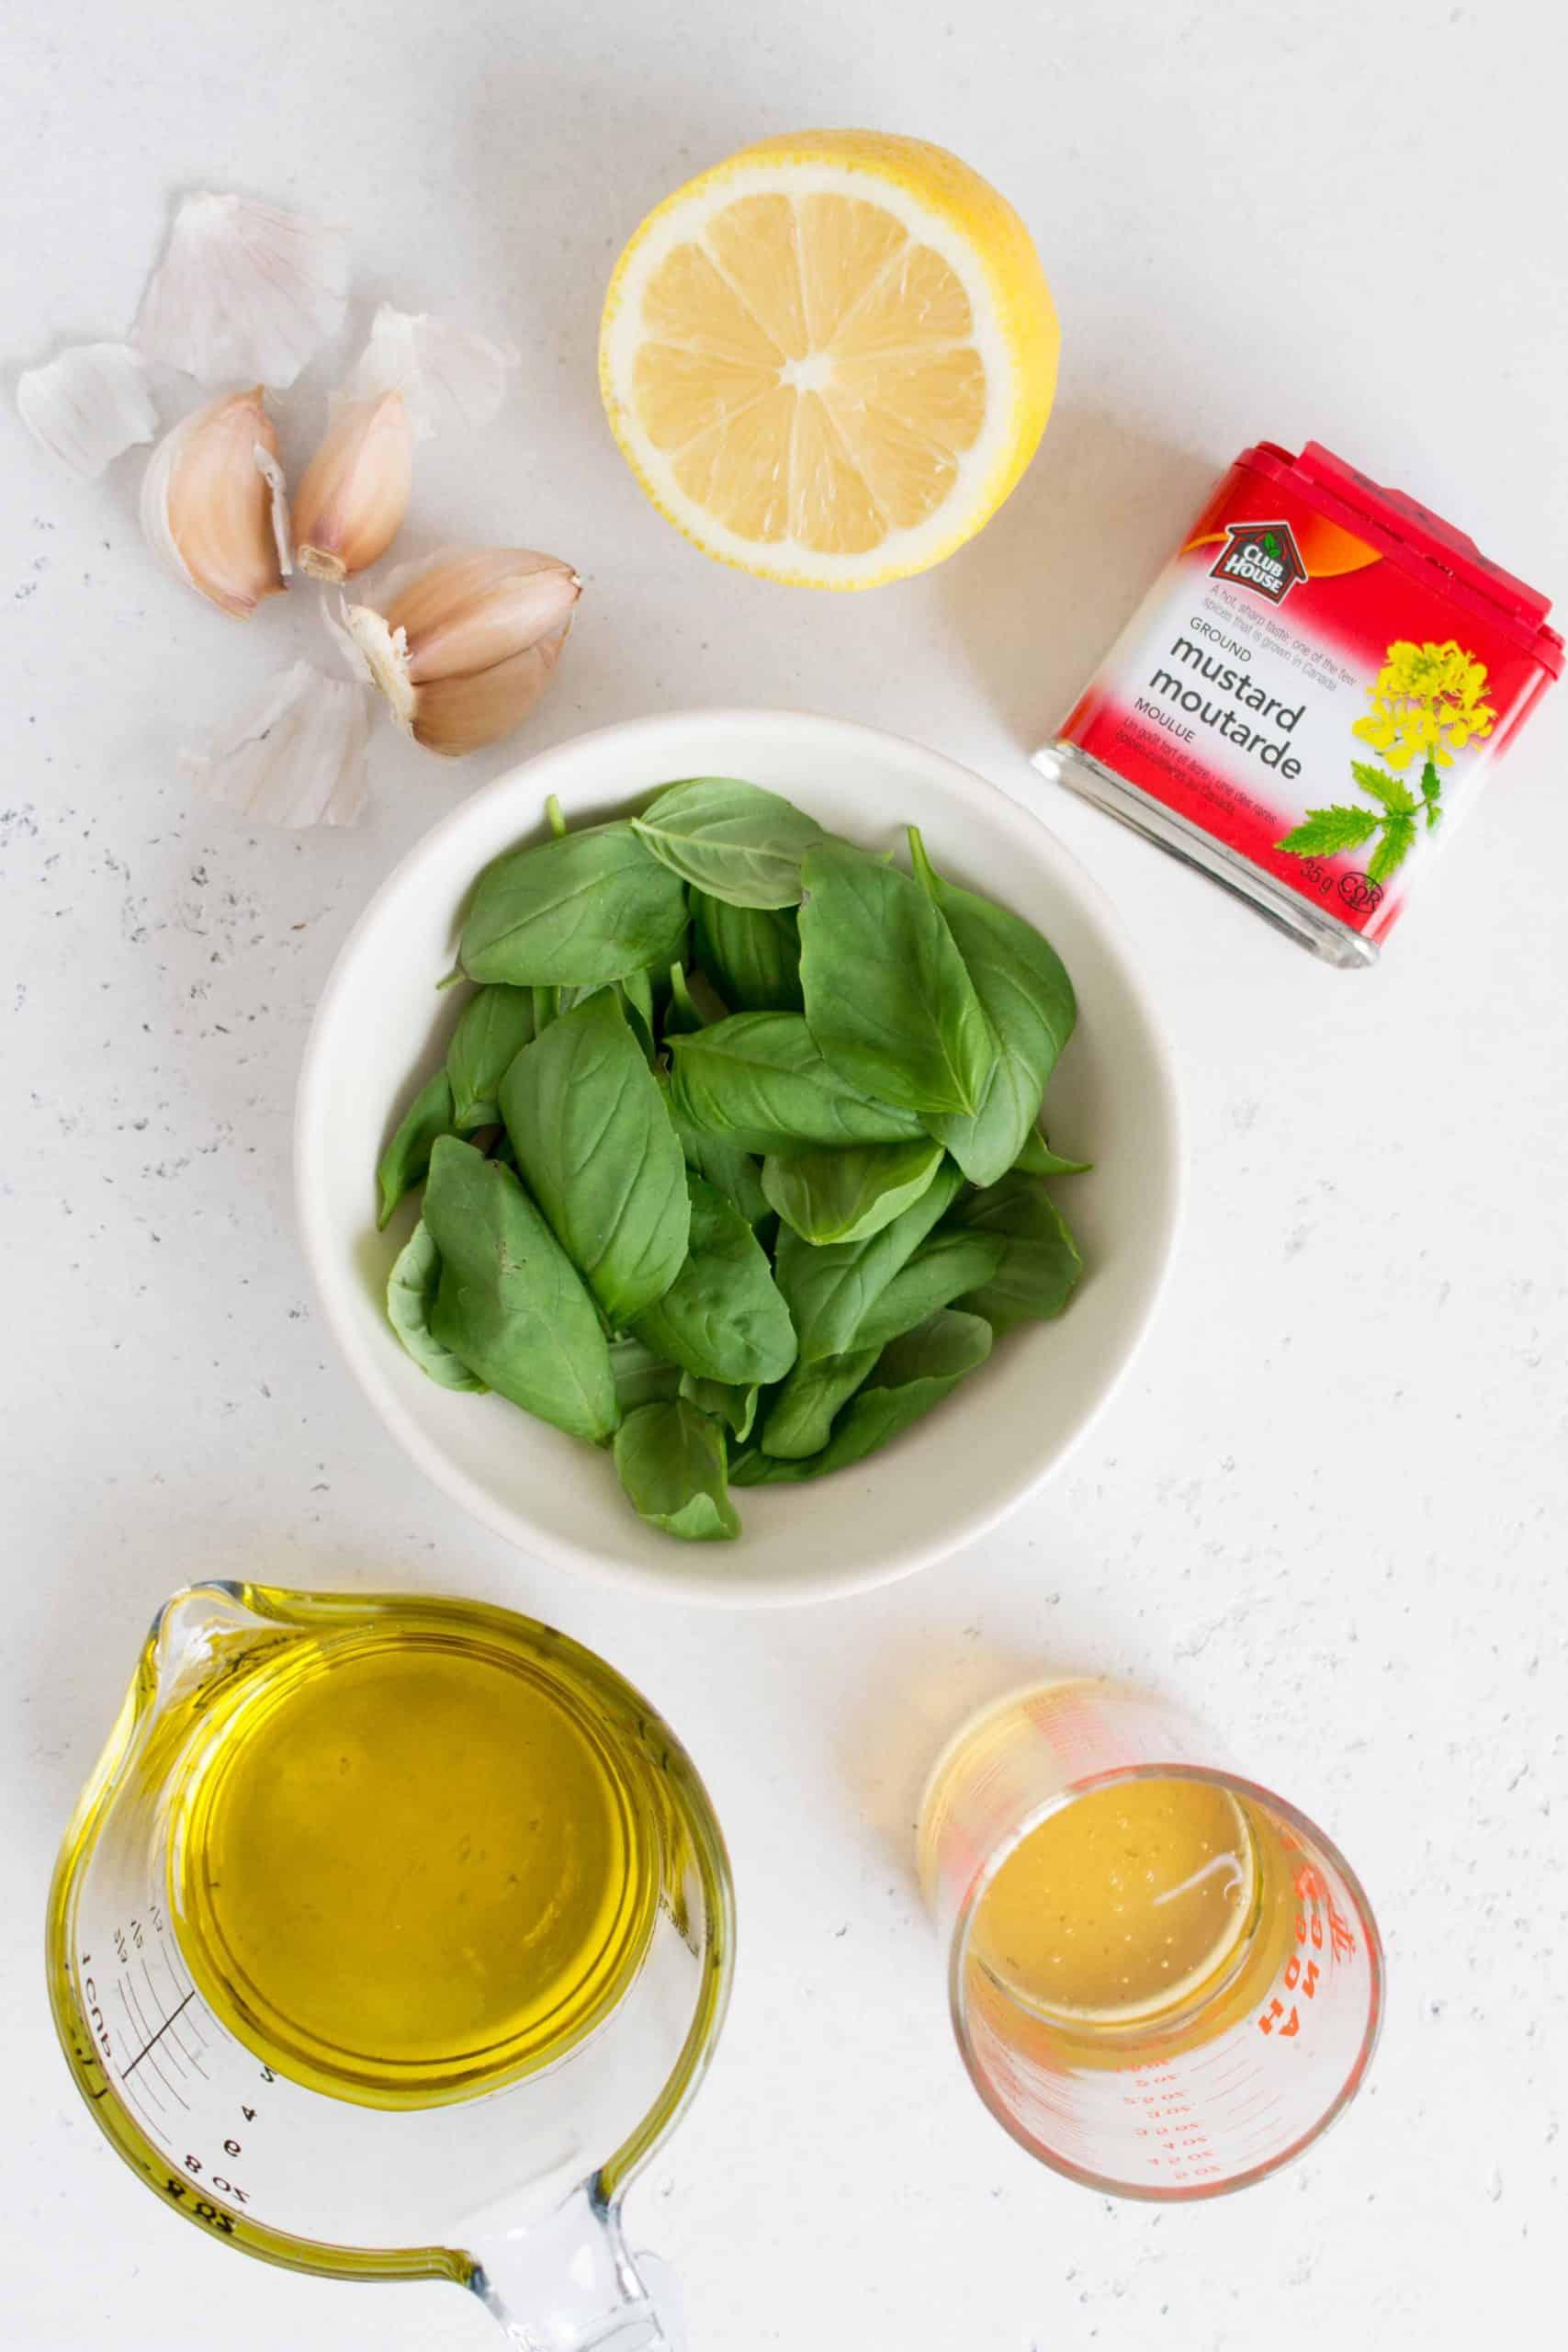 ingredients for lemon basil vinaigrette